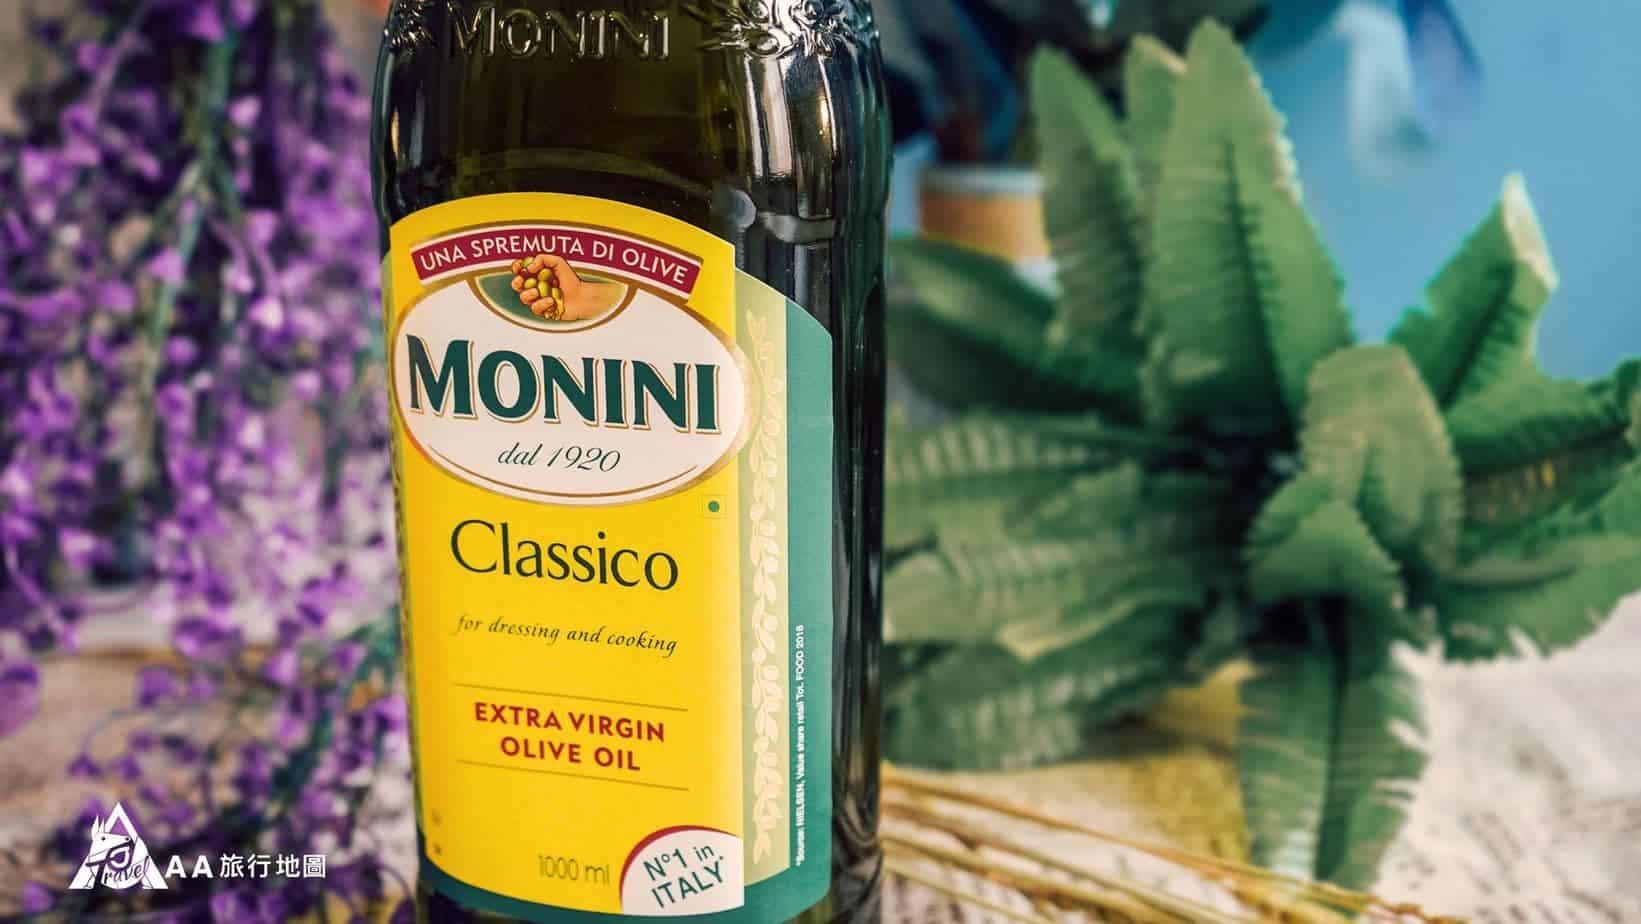 monini-採用環保包裝的外瓶